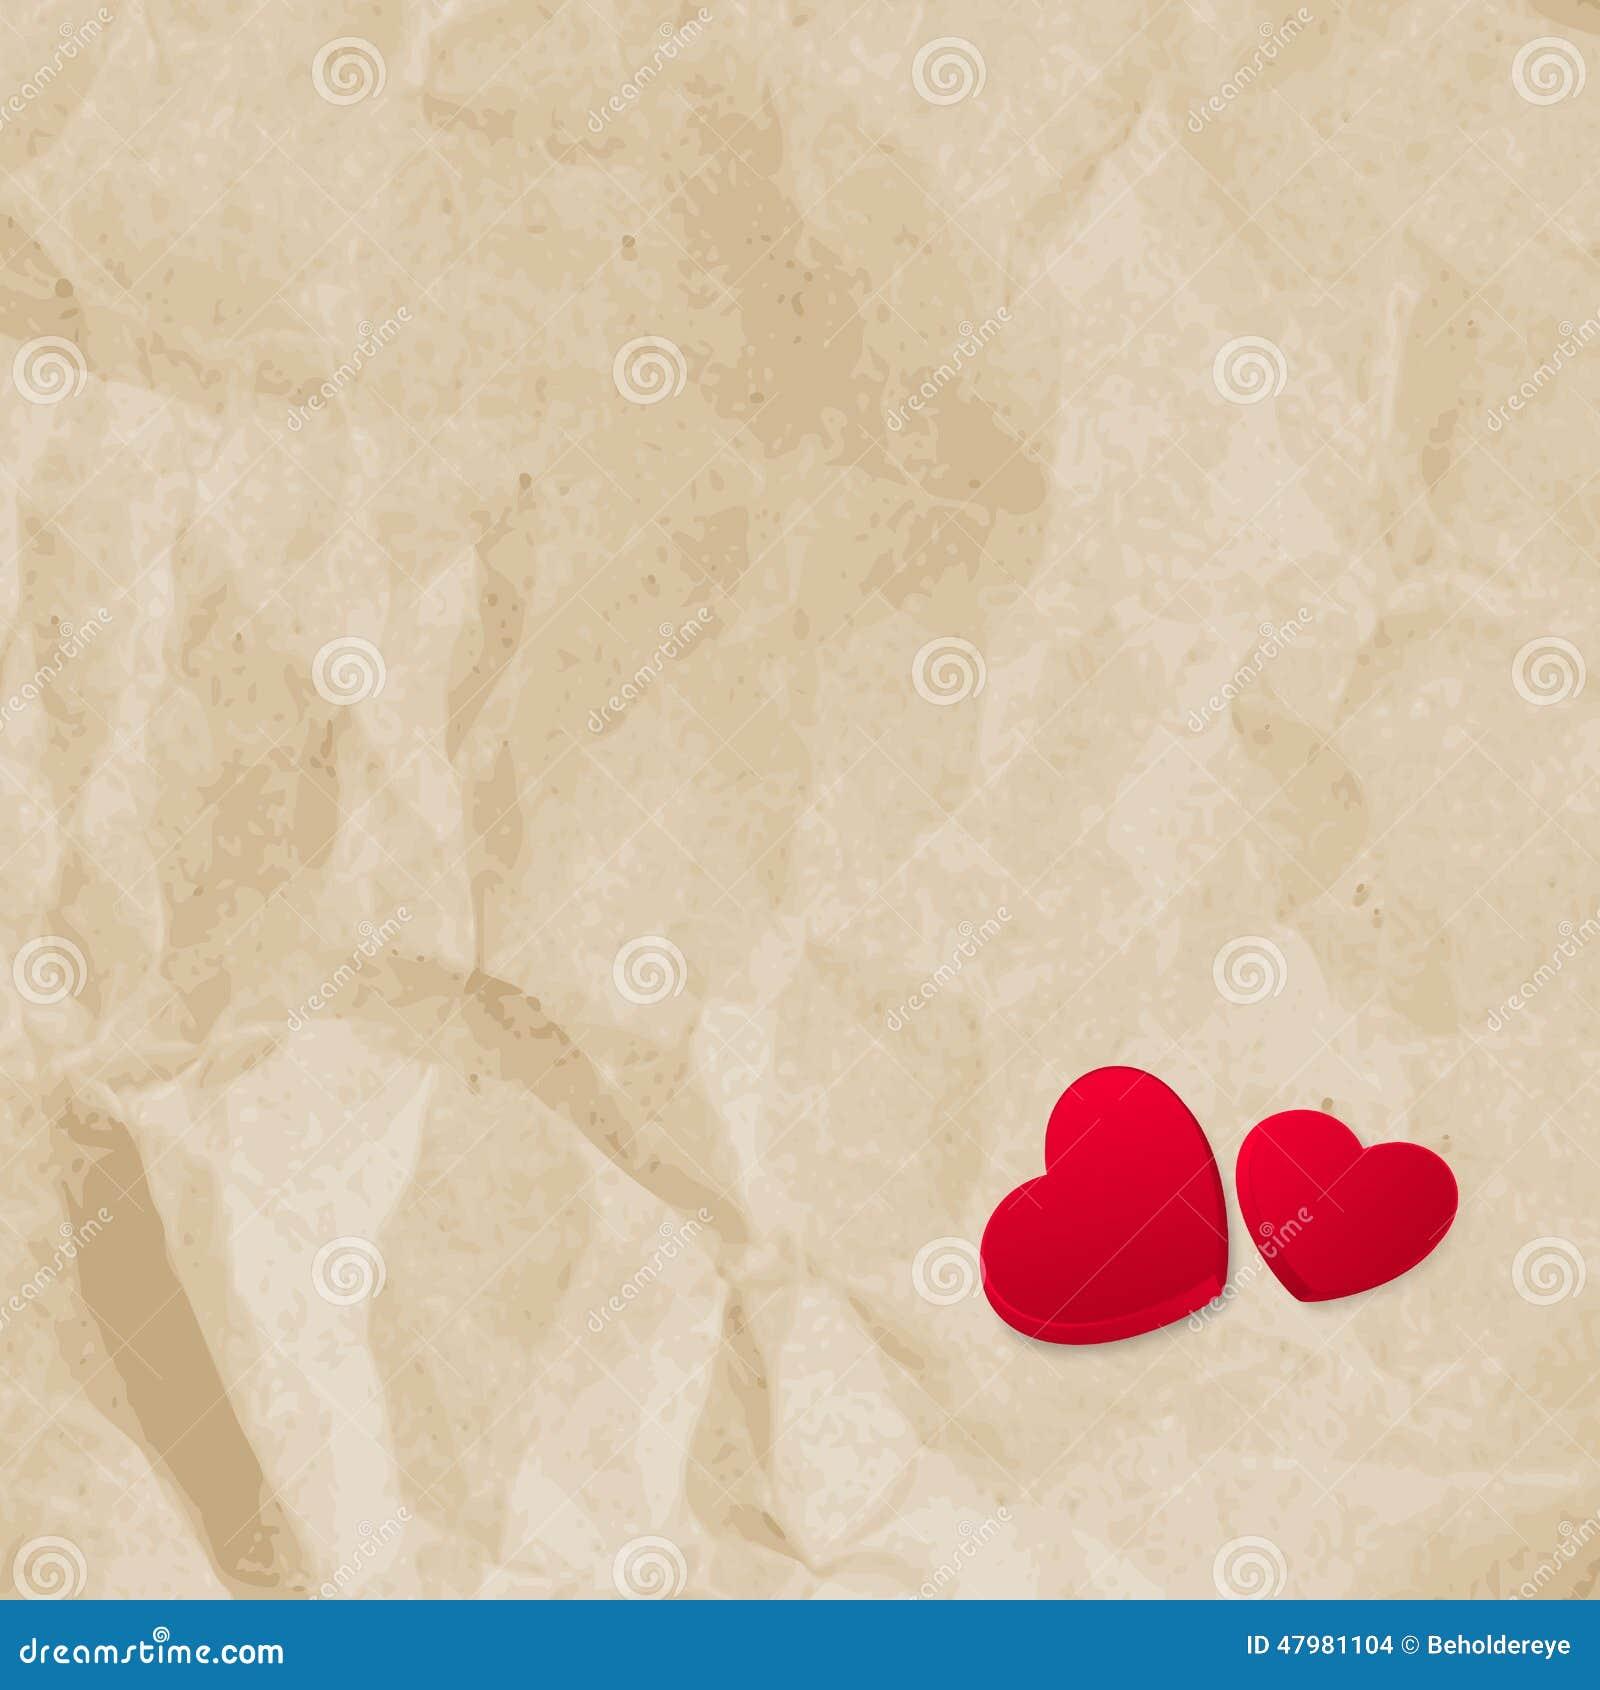 Vintage Heart Background Red Hearts On V...